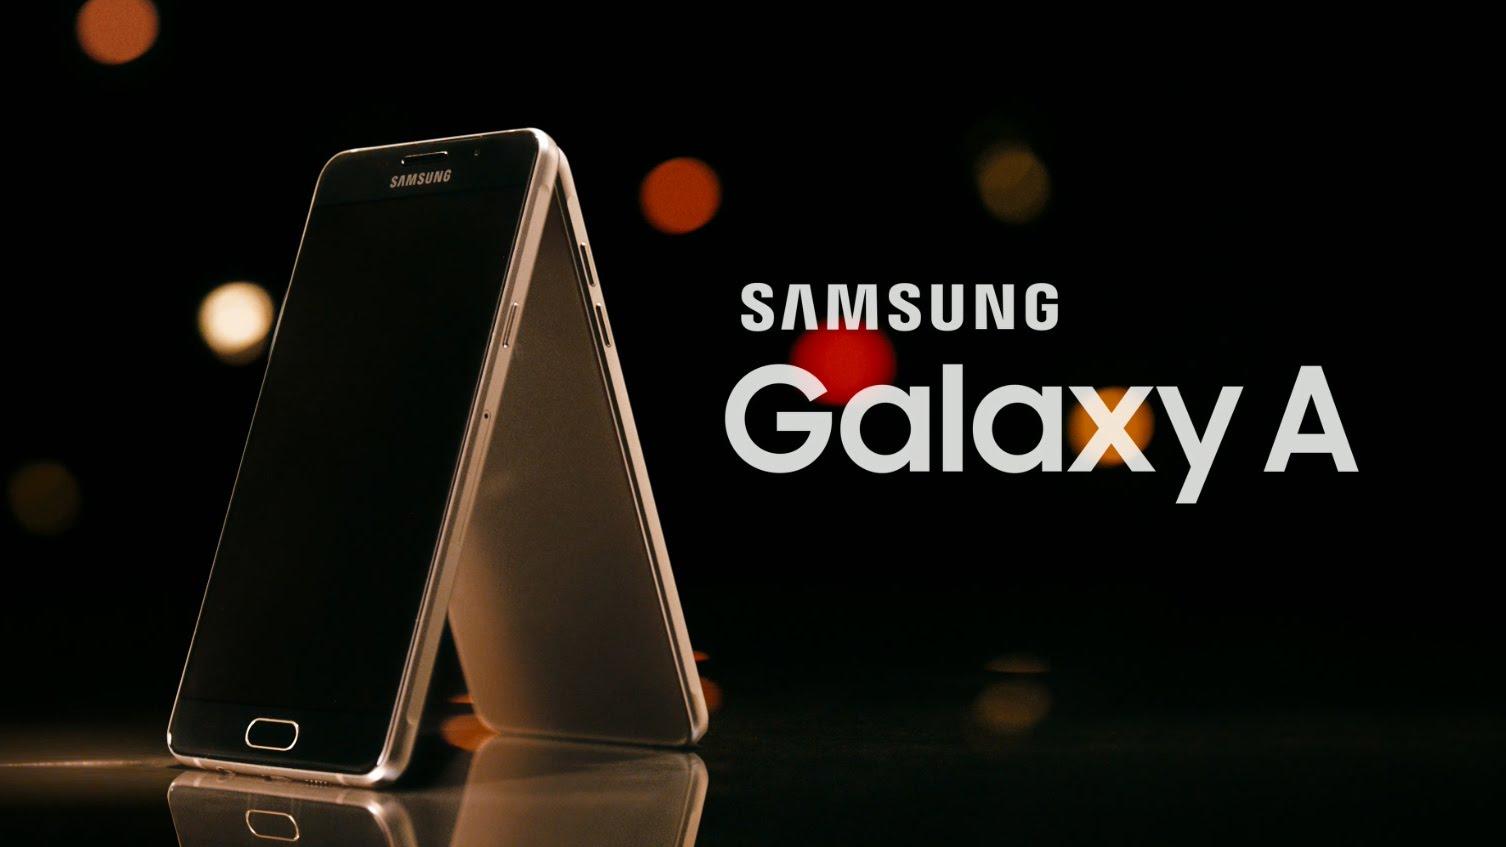 Samsung Galaxy A (2017) : l'étanchéité (IP68) se confirme